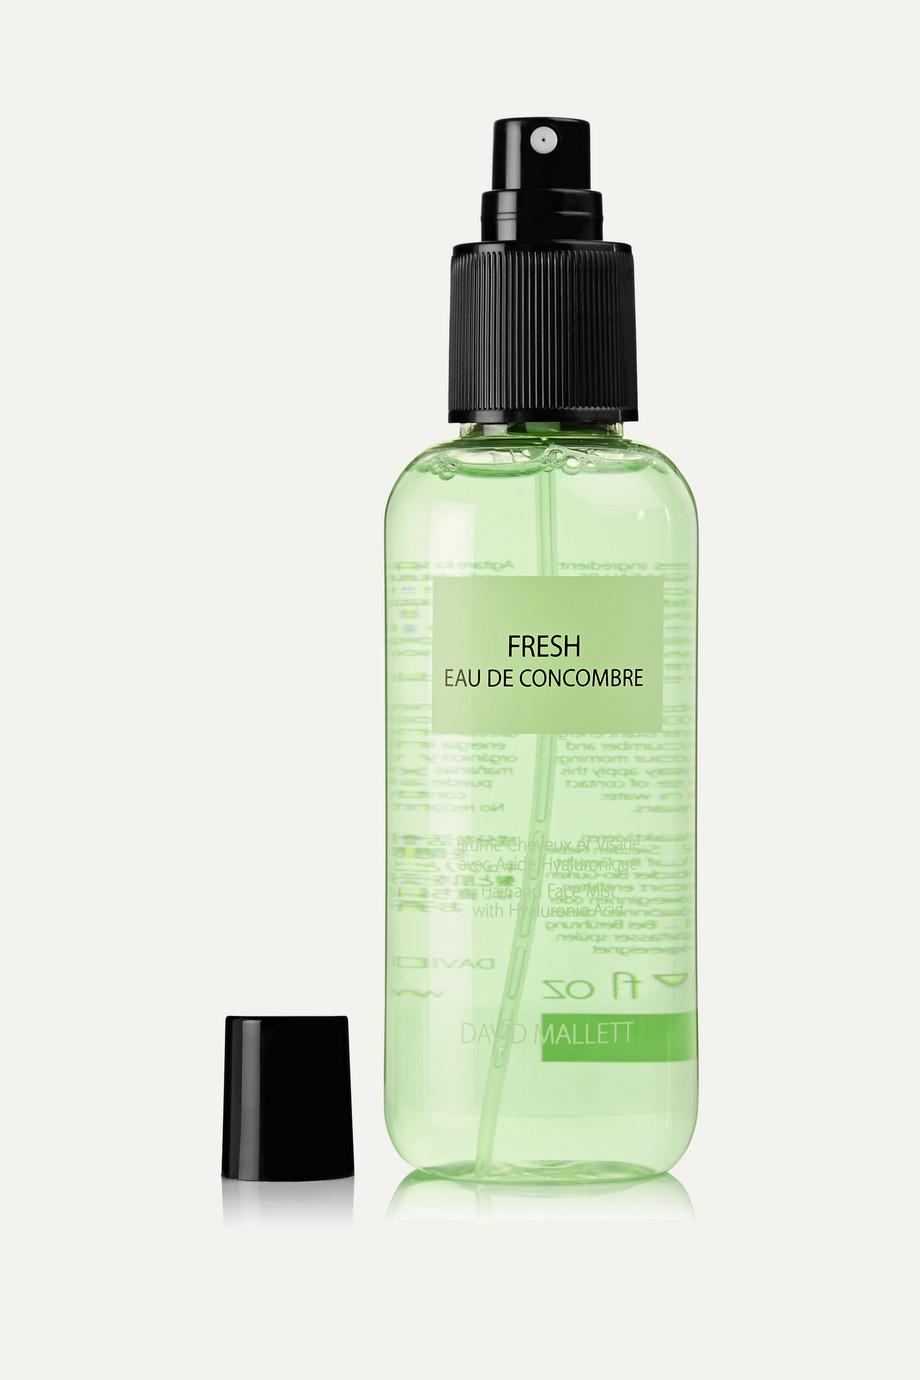 David Mallett Fresh Eau de Concombre, 150 ml – Erfrischungsspray fürs Haar